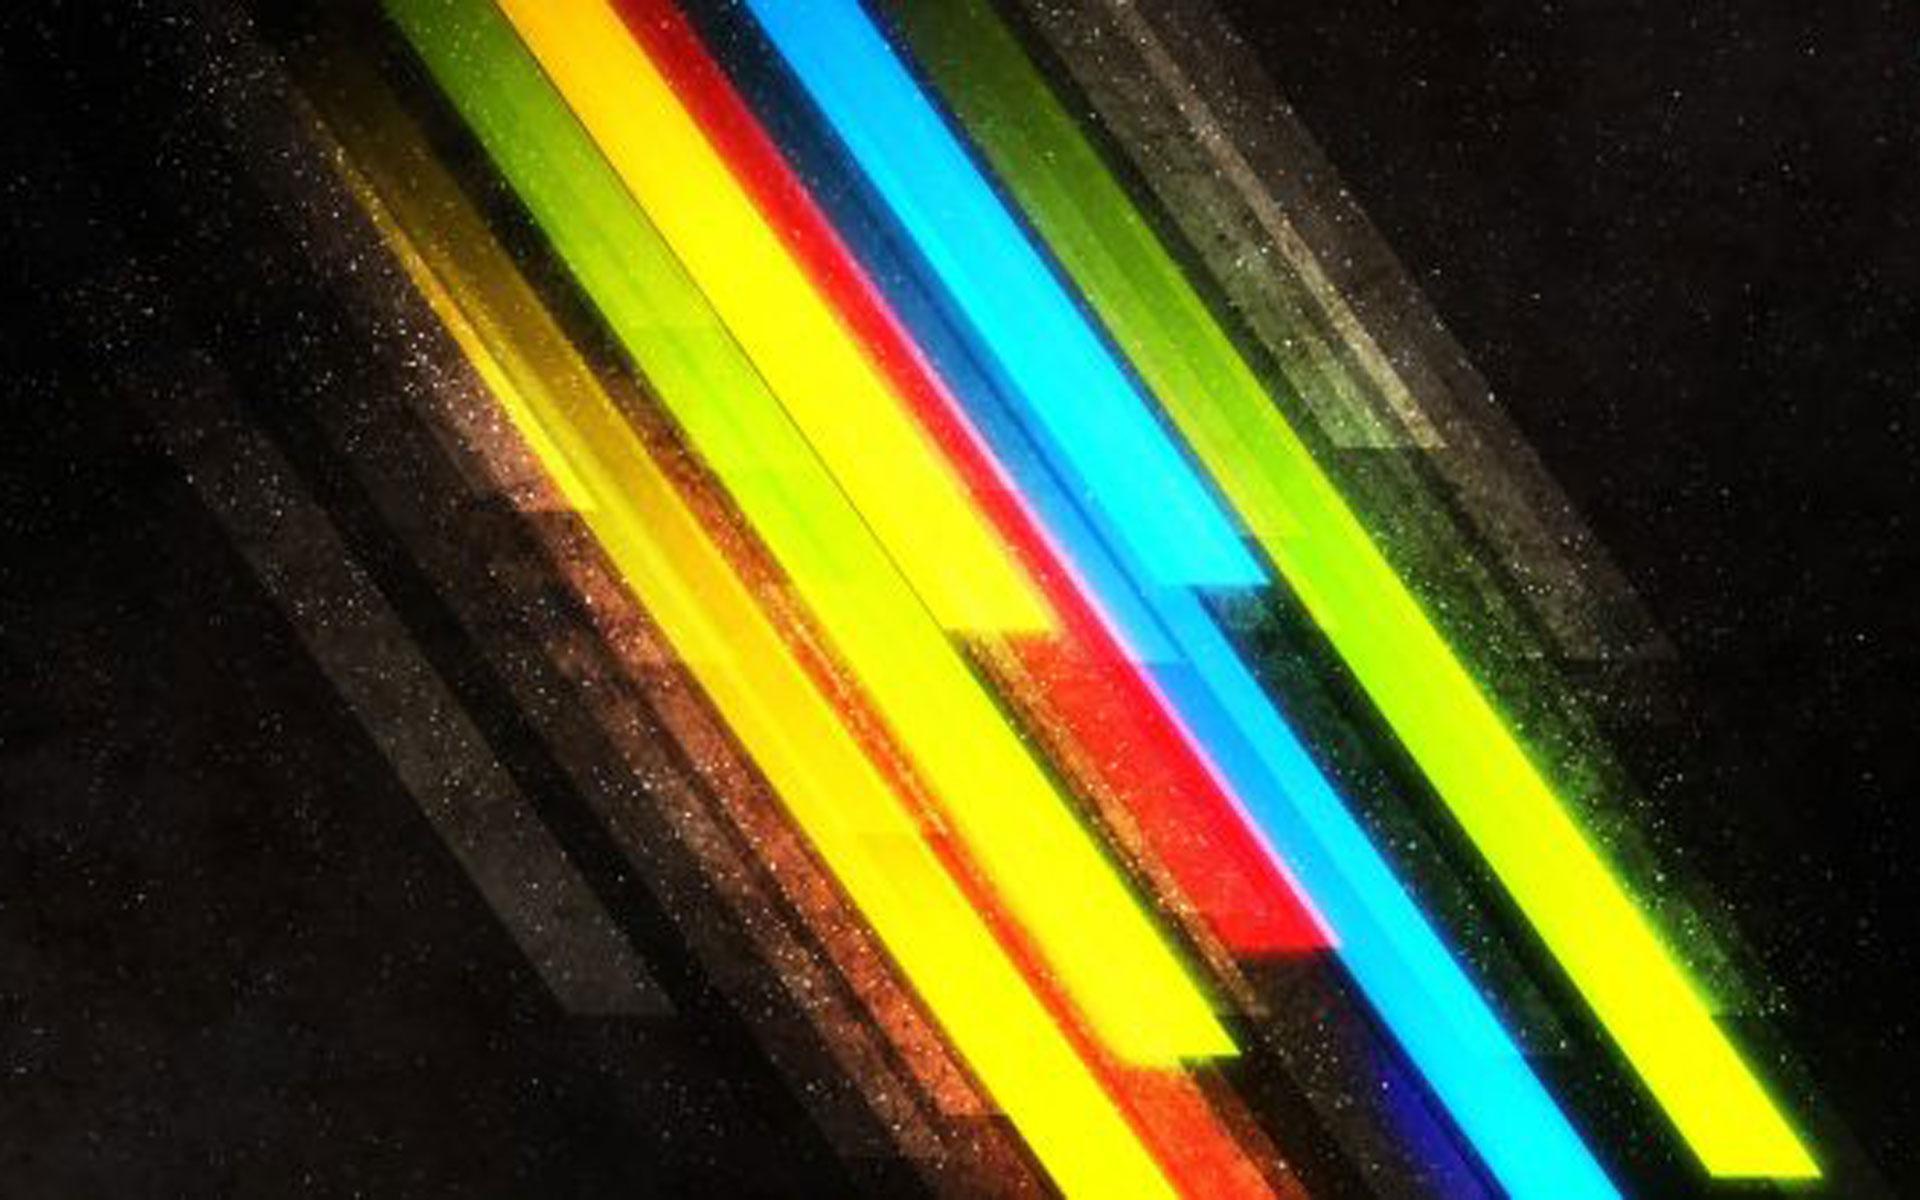 Android 用の ストライプ ライブ壁紙 Apk をダウンロード